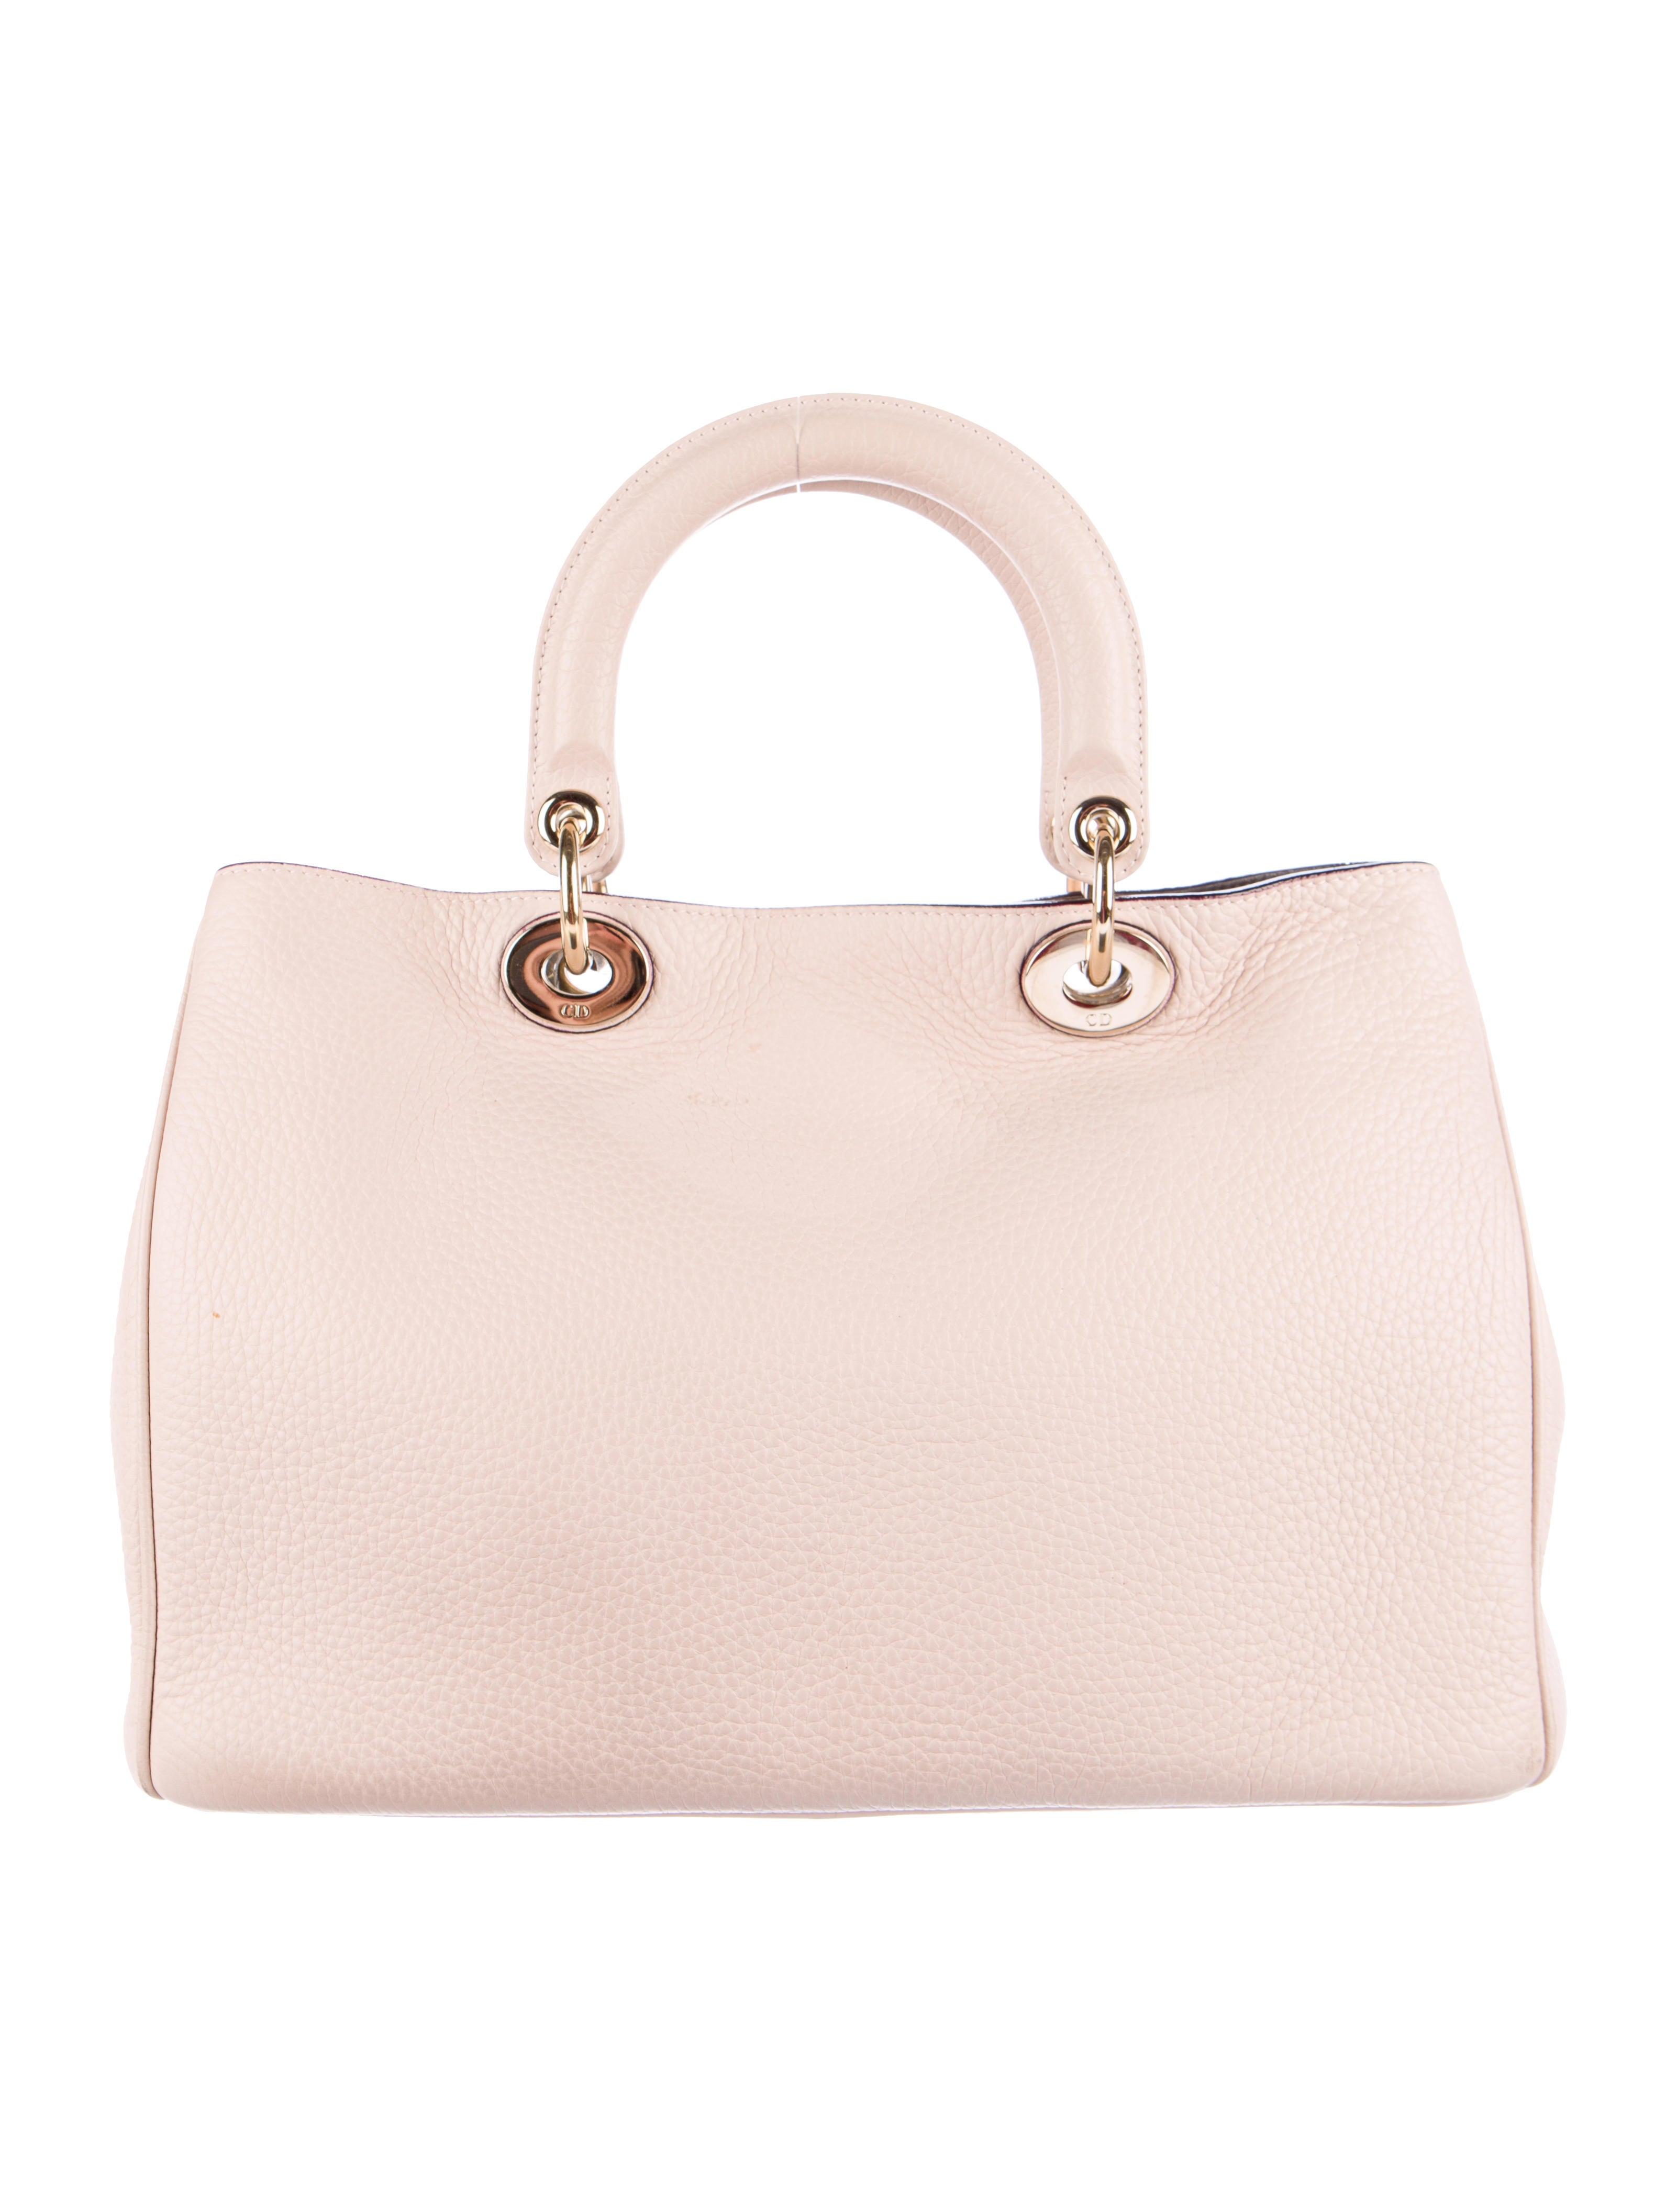 Christian Dior Medium Diorissimo Bag - Handbags - CHR47582 ...